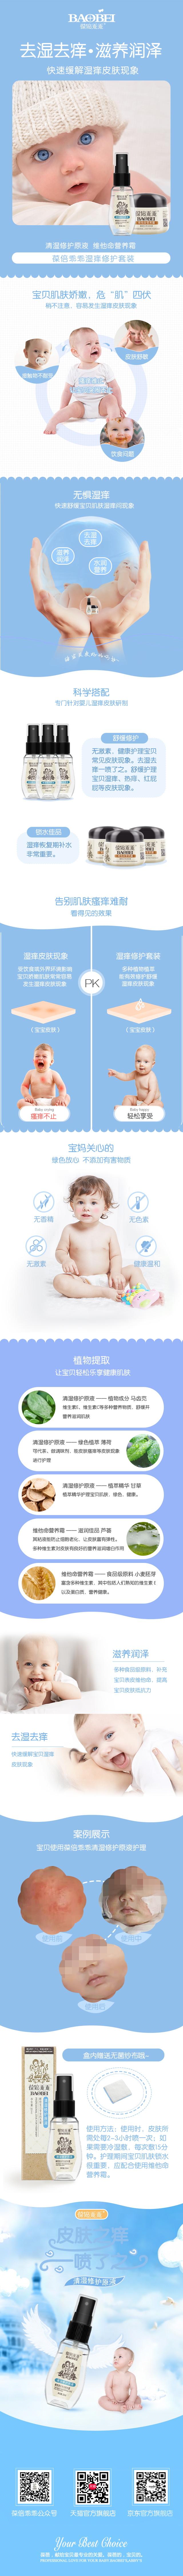 c_看图王.jpg